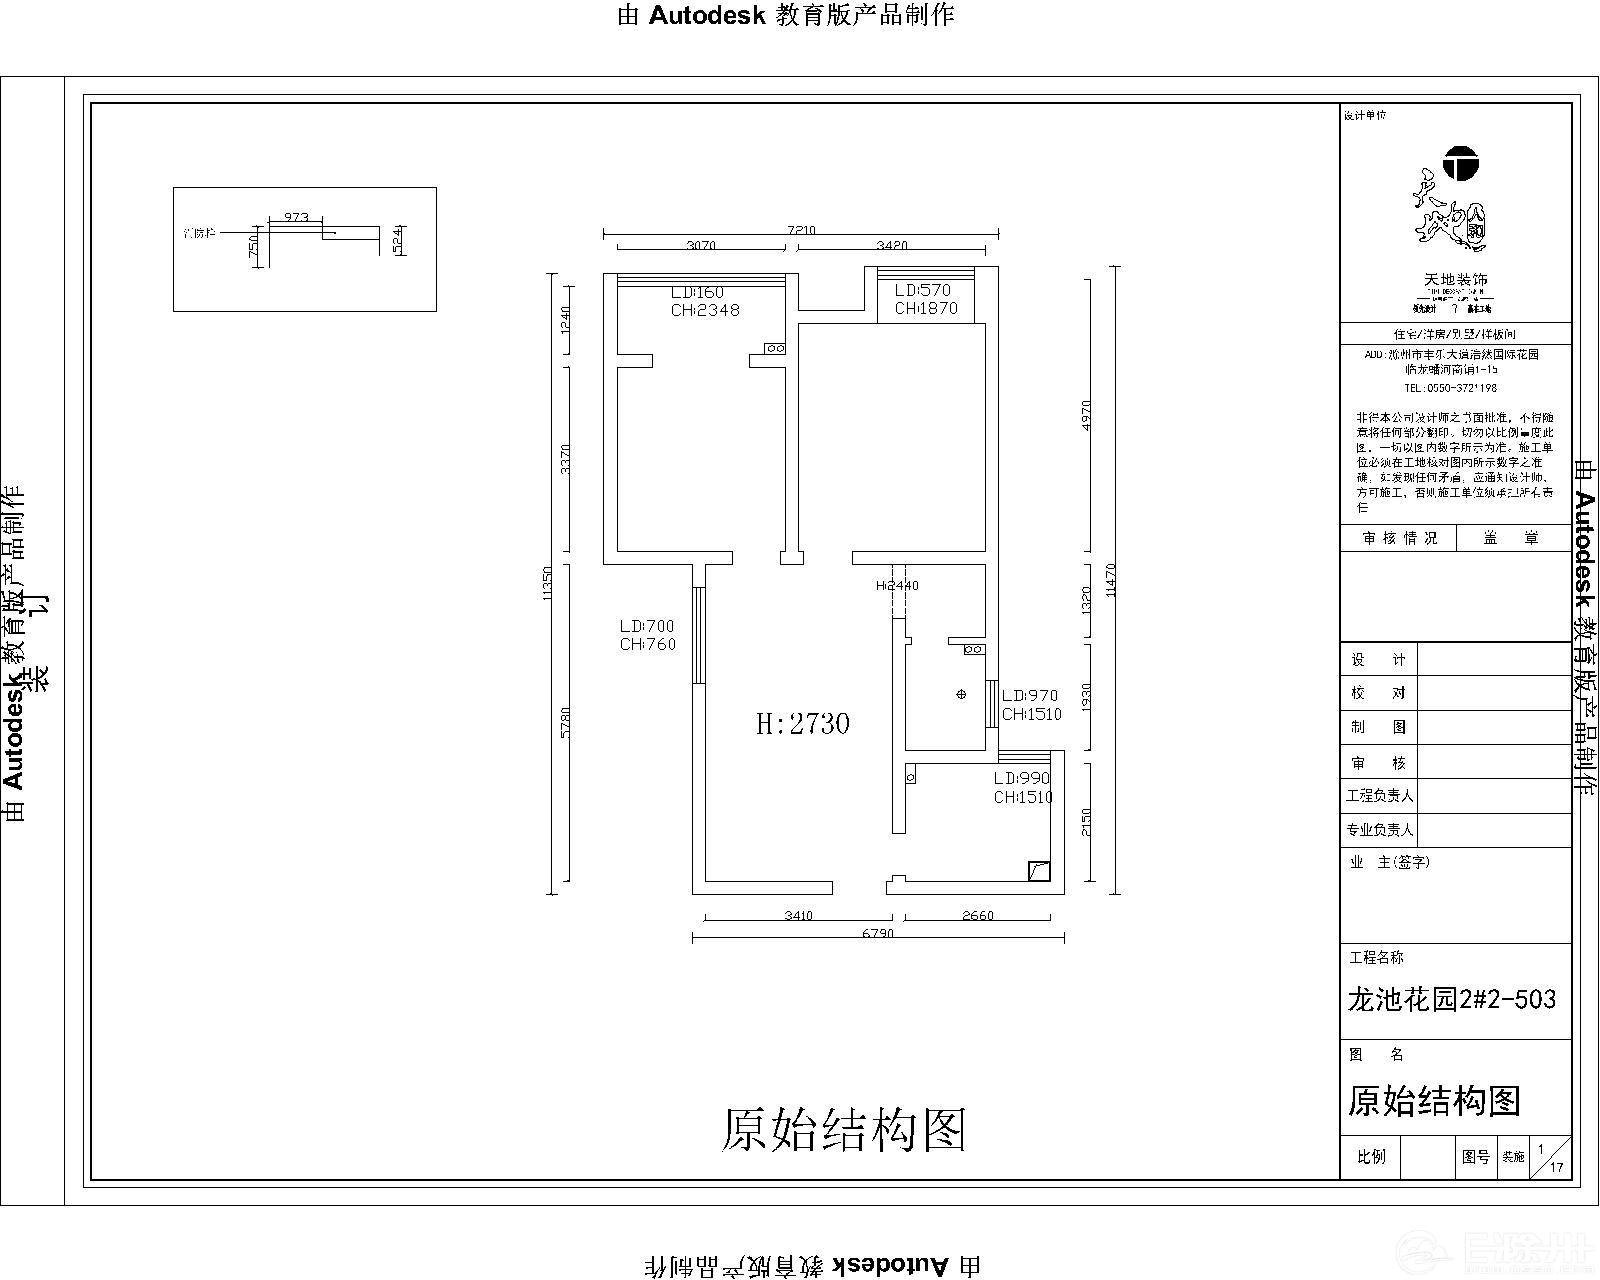 龙池花园 503-Model.jpg